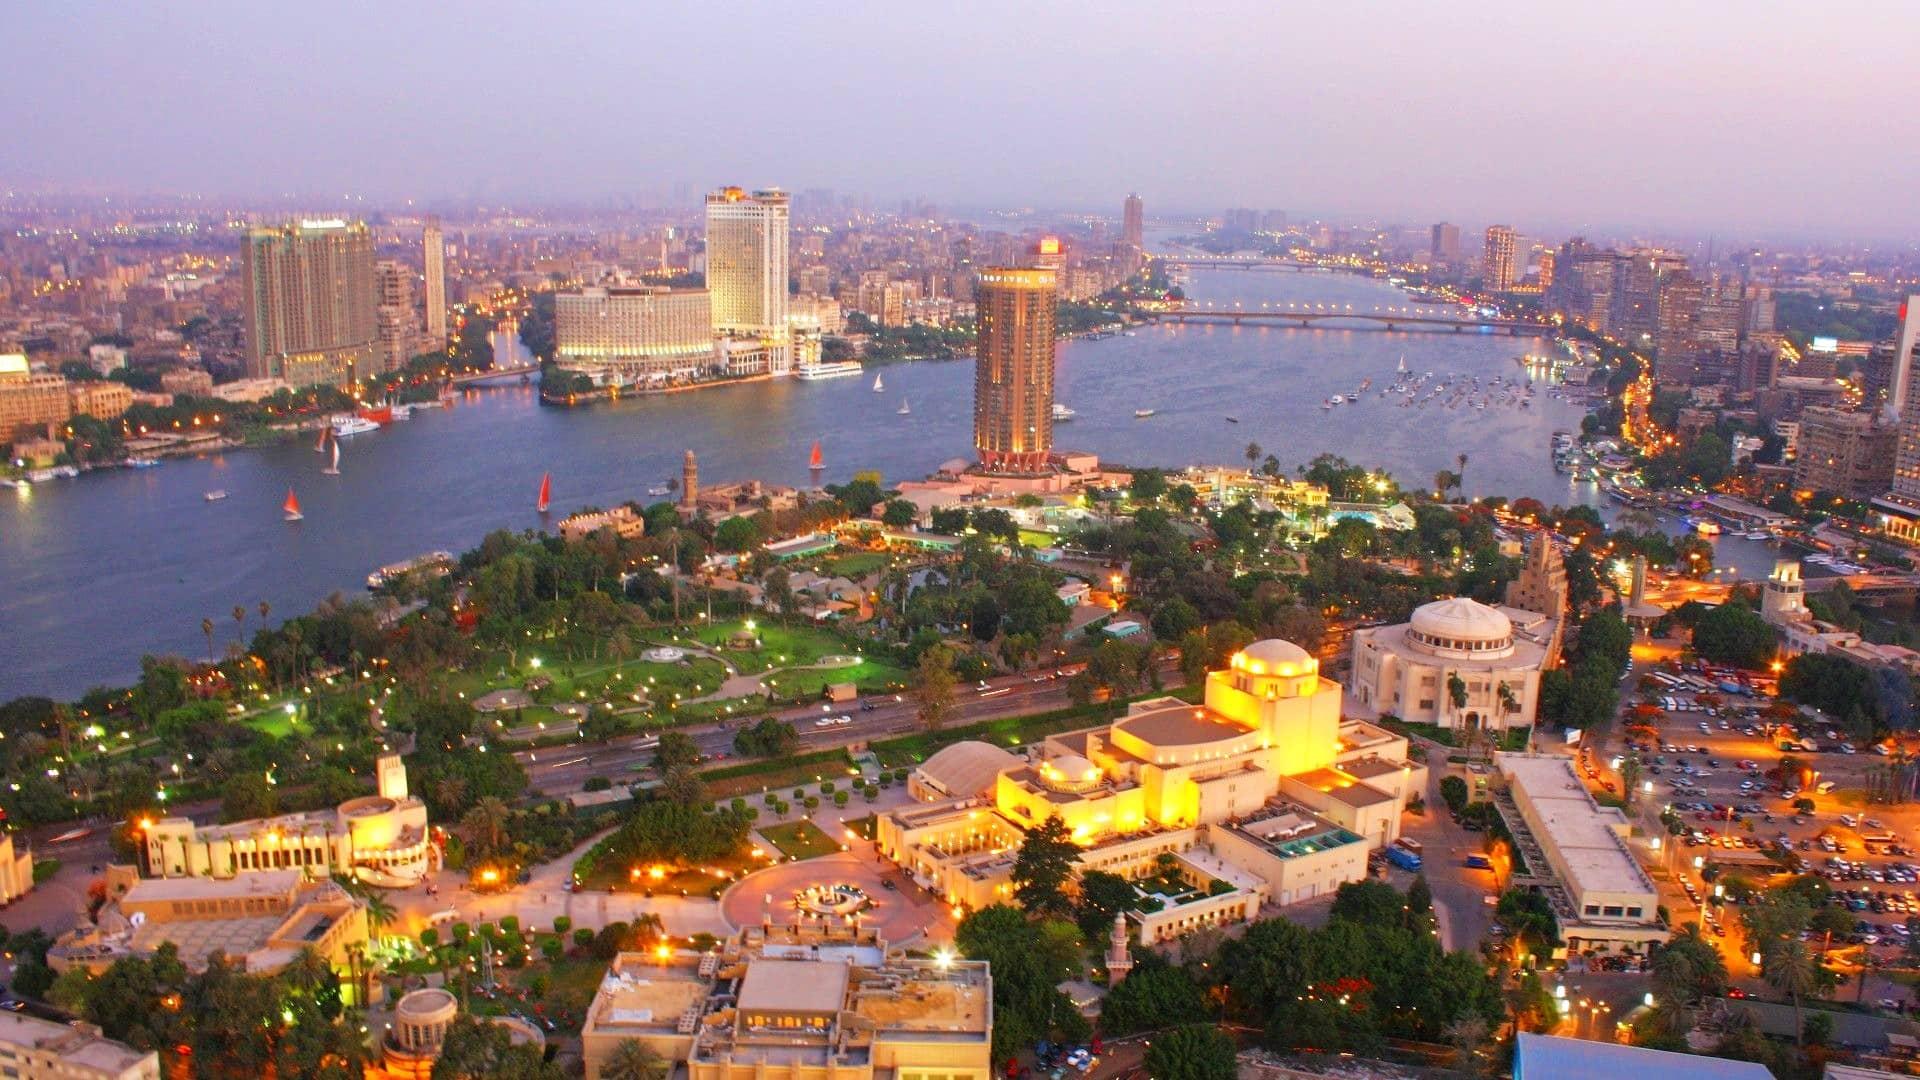 J 2 - Croisière sur le Nil et le lac Nasser